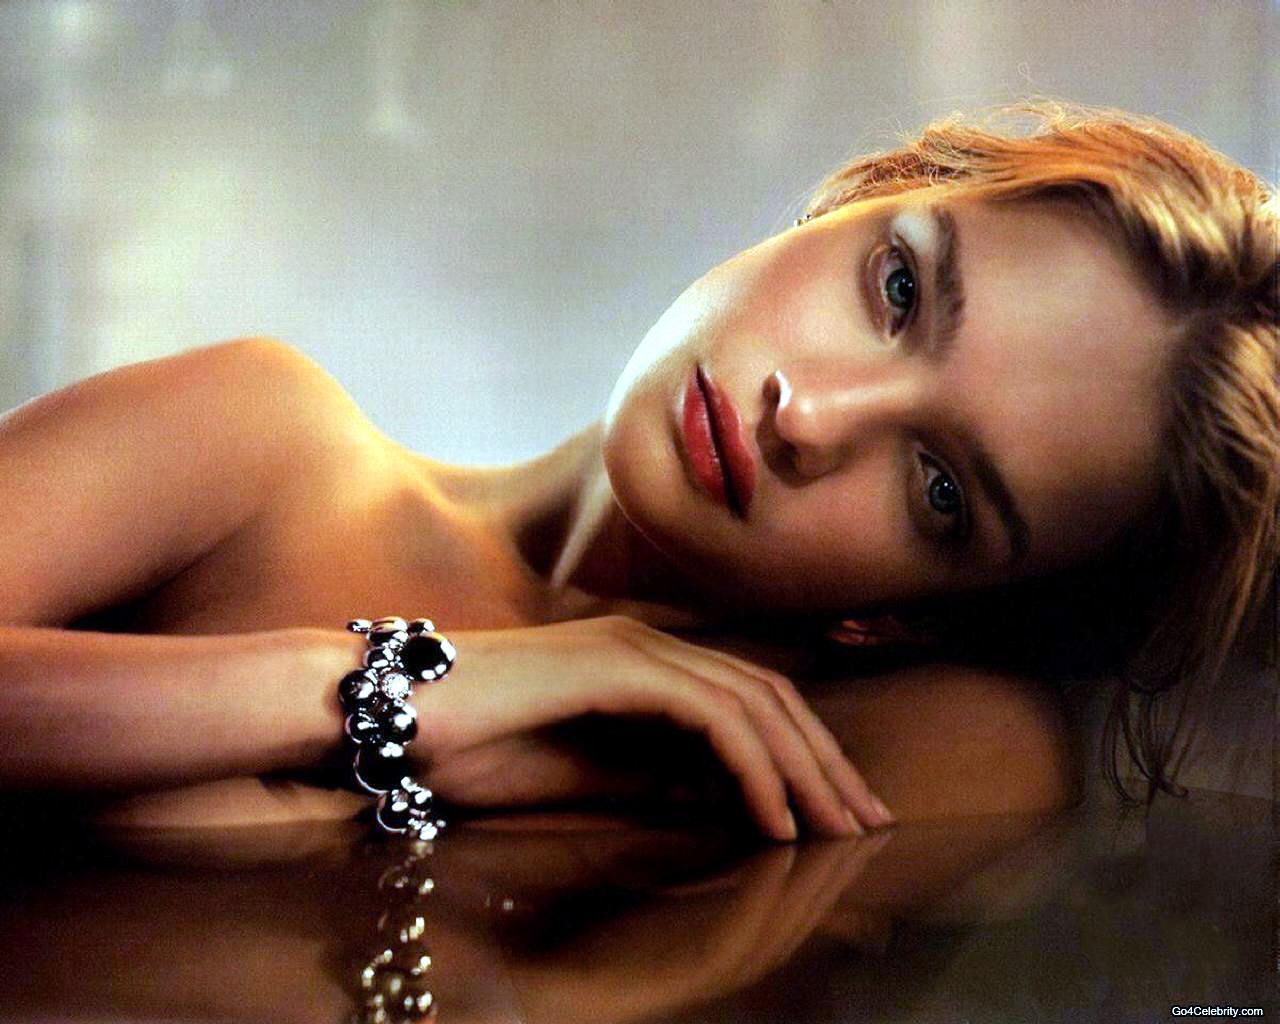 http://4.bp.blogspot.com/_lwhlJGfeAO0/Sw-Y2-WTzRI/AAAAAAAAAOA/81B3Amw-qa8/s1600/natalia-vodianova-hot-wallpaper-05.jpg